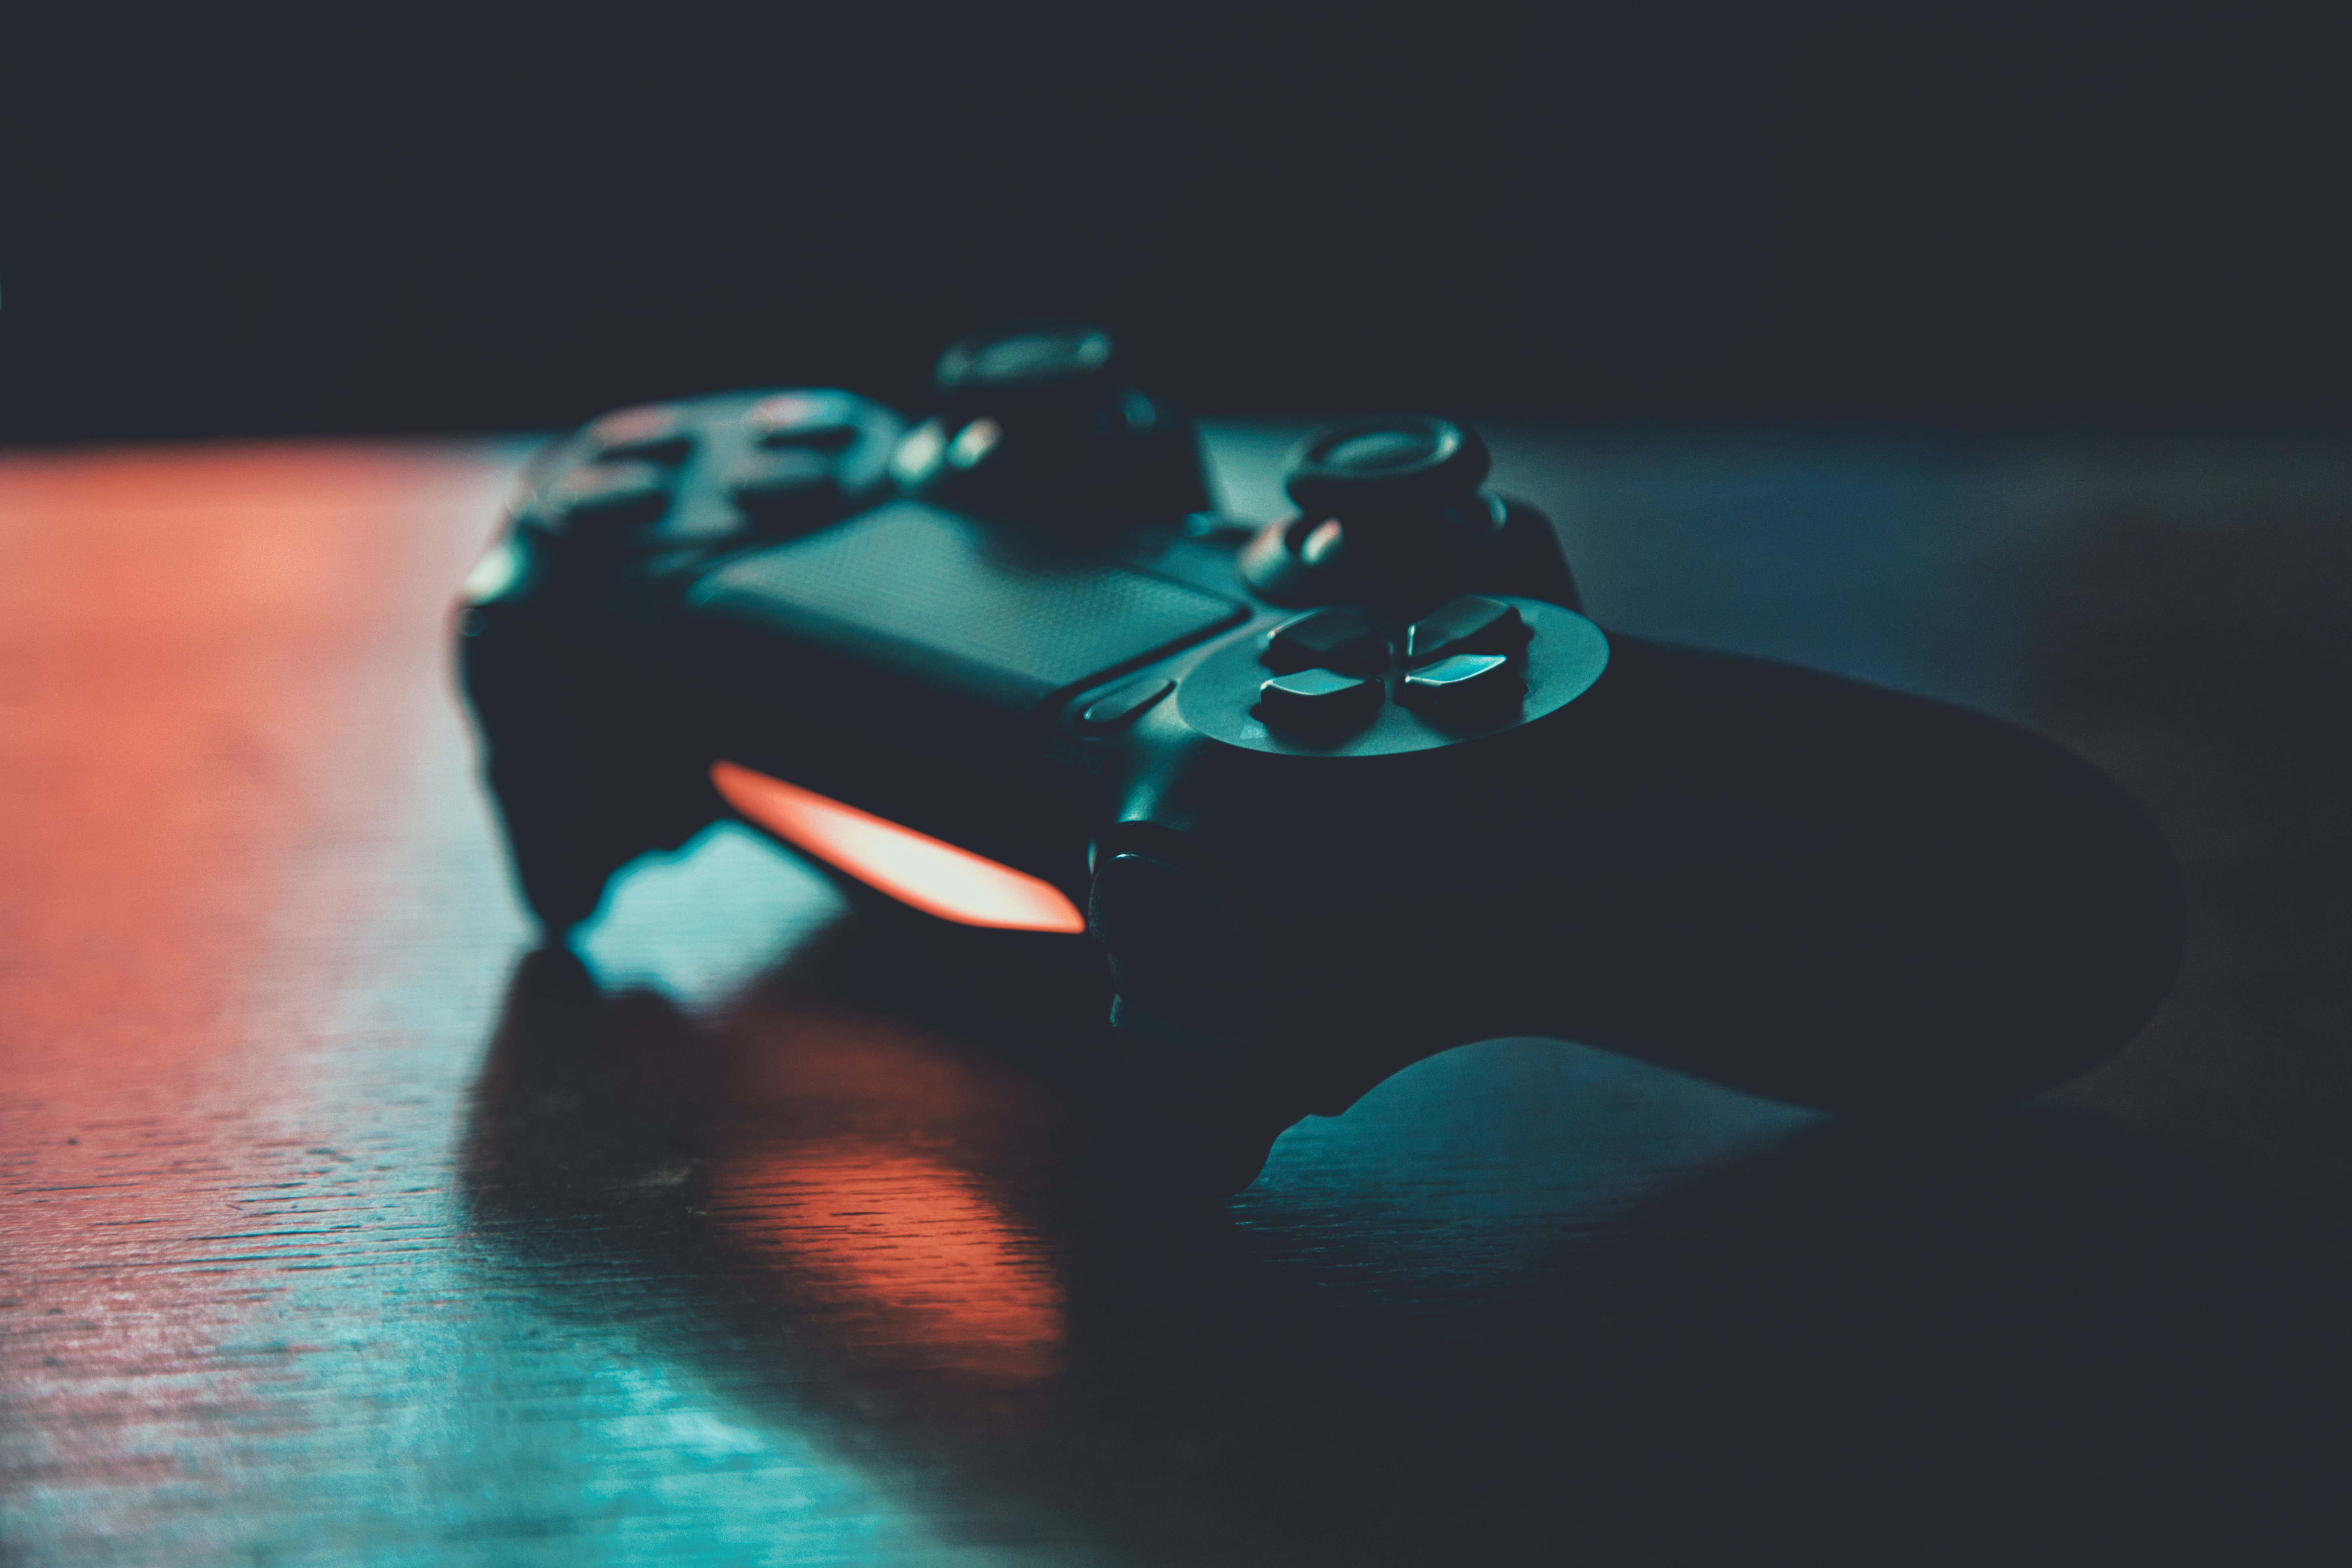 Top 10 Ukraine Game Development Companies In 2020